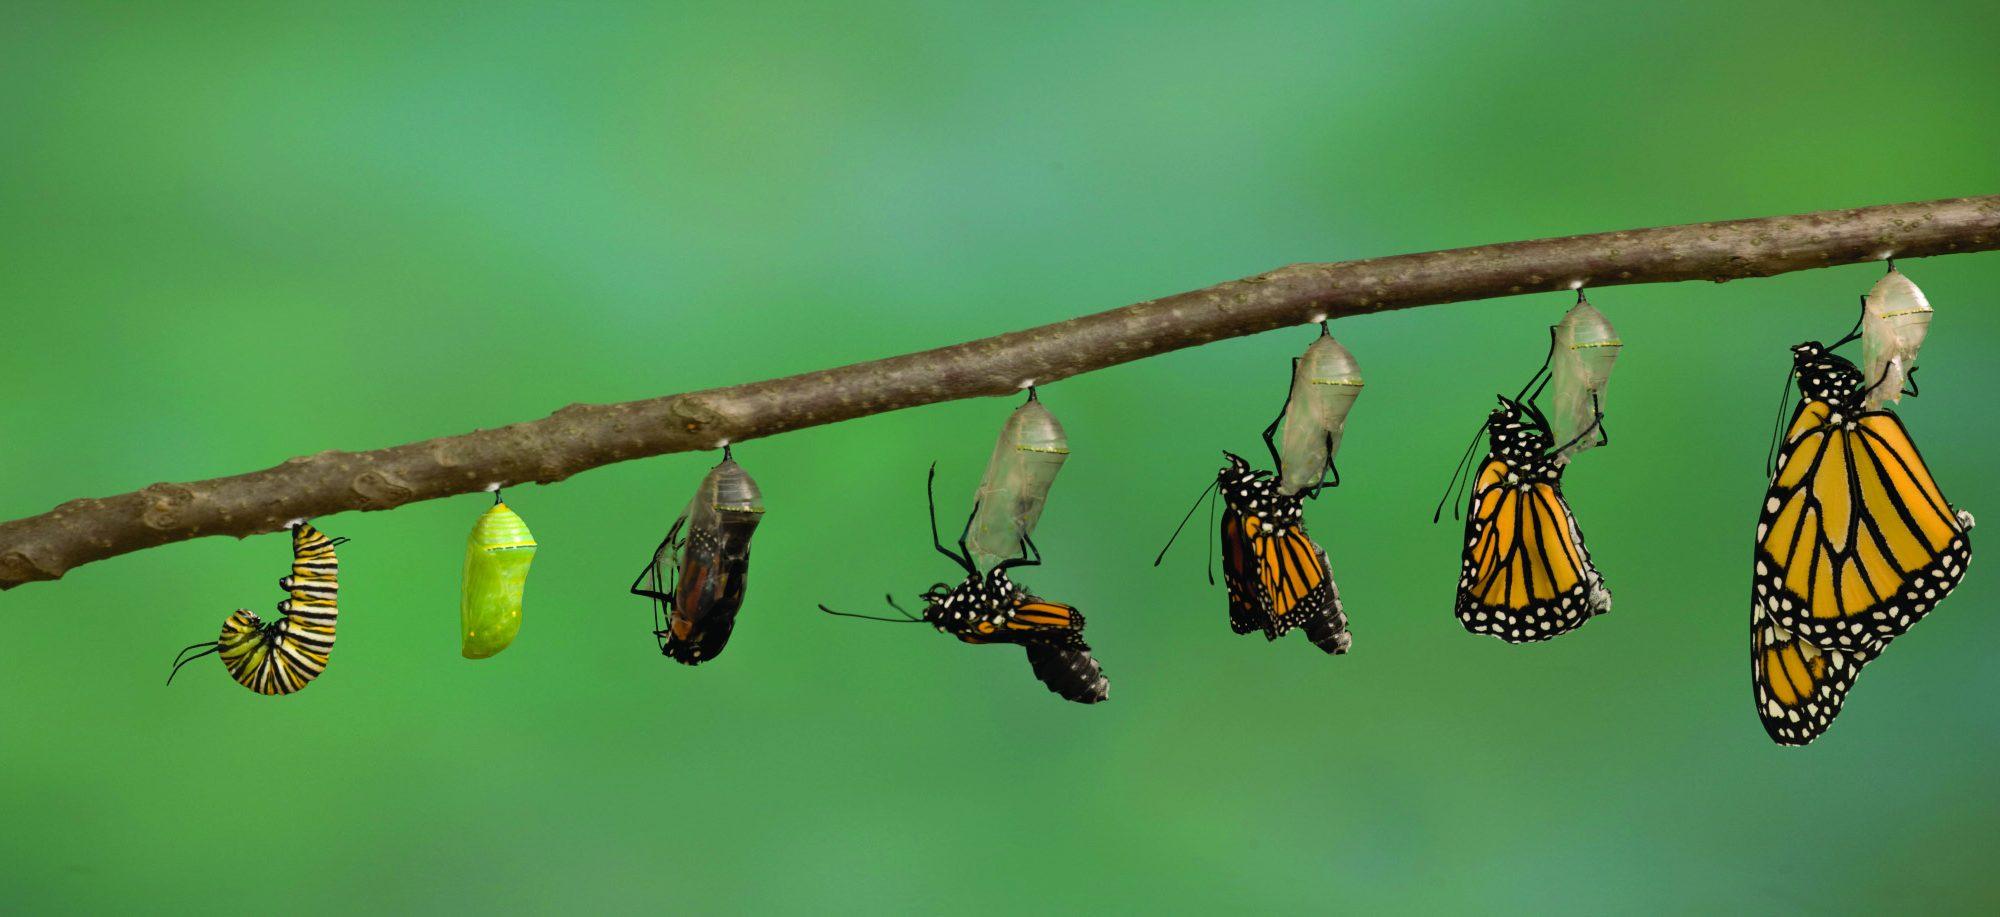 تبدیلشدنِ یه کرم به یه پروانه با گذر از مرحلهی پیلگی